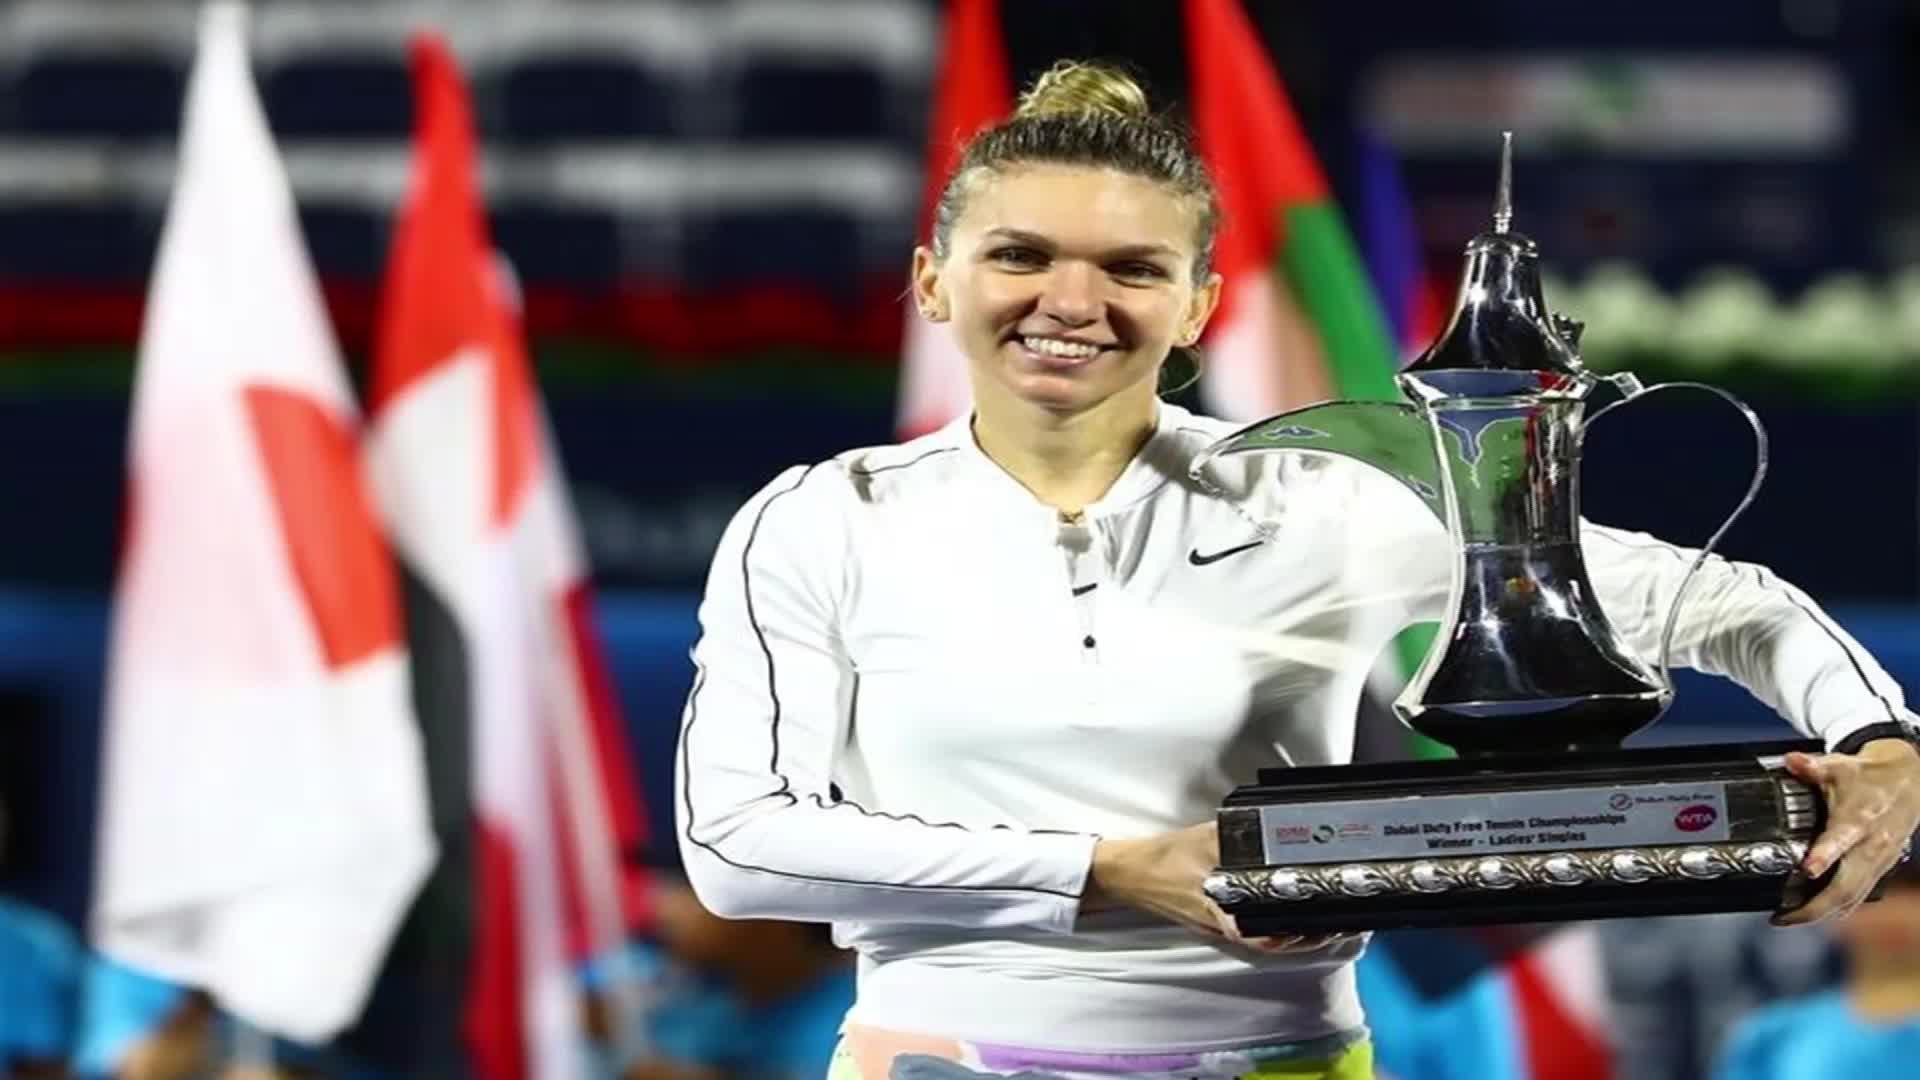 哈勒普当选国际女网联二月最佳 迪拜赛斩获生涯第20冠